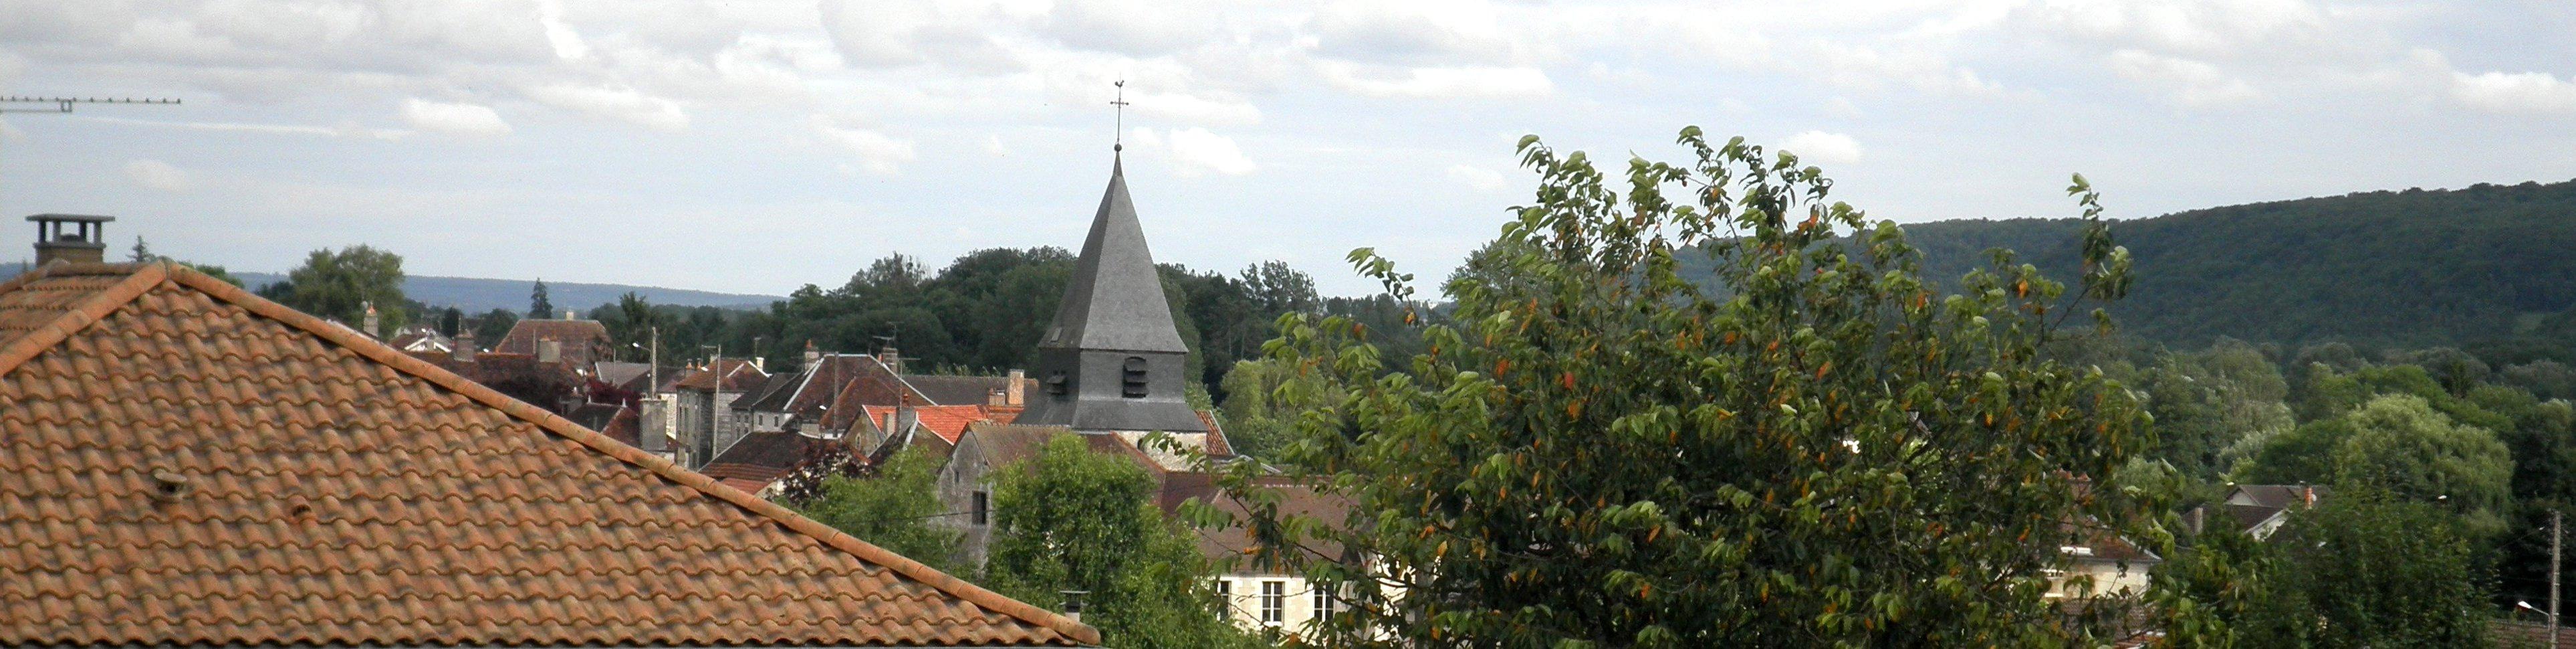 vue d l'église et du village d'Arsonval